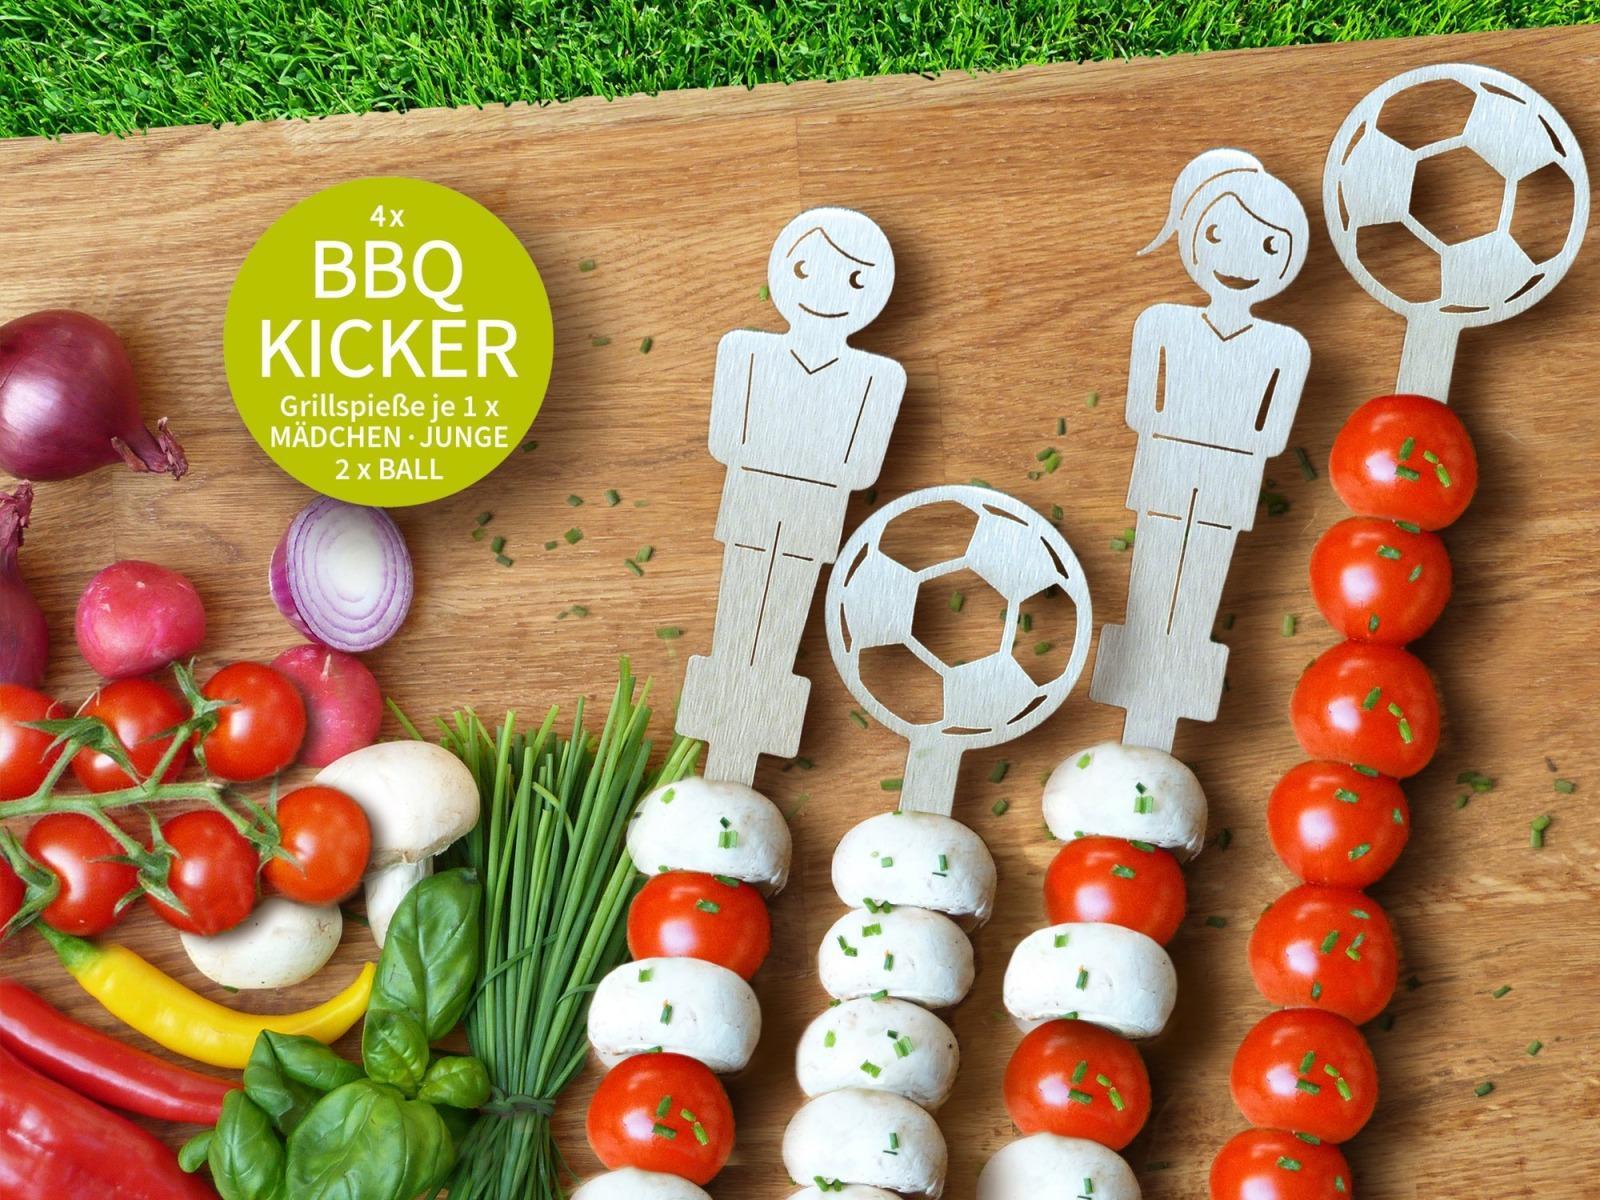 BBQ Kicker Grillspieße 2x - 1